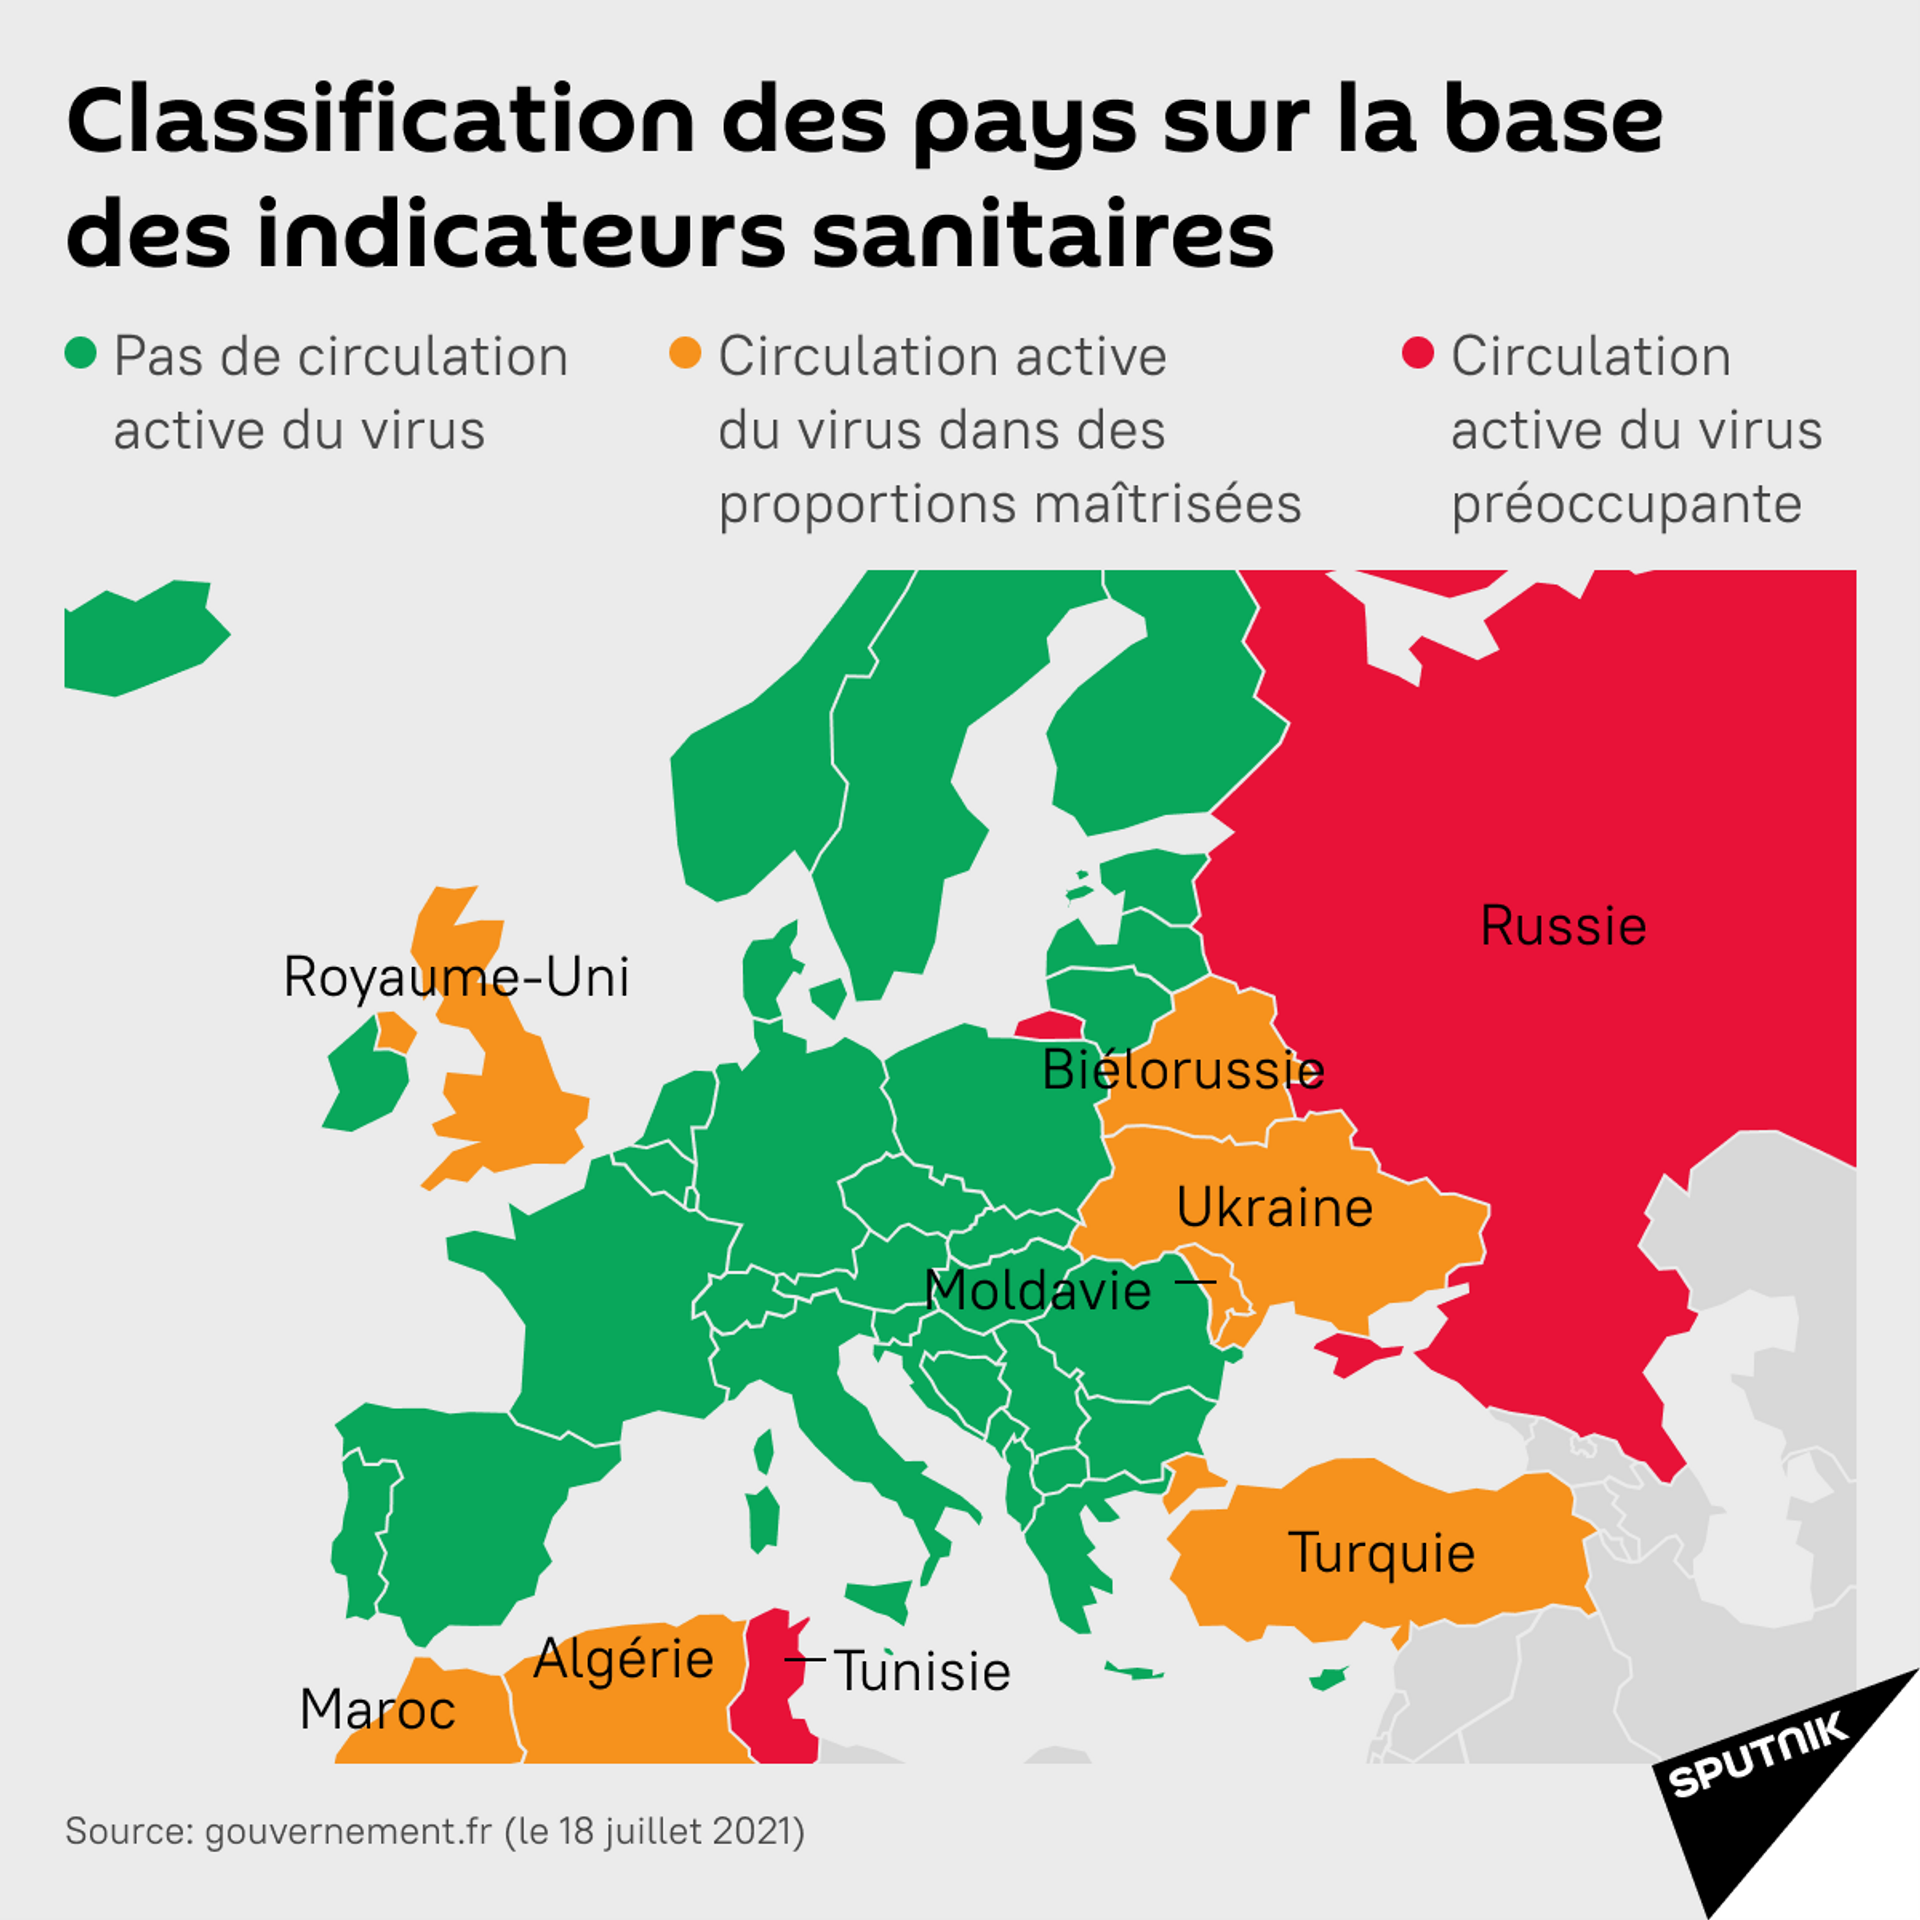 Vert, orange ou rouge: quelles restrictions en France pour quelle catégorie de pays? - Sputnik France, 1920, 19.07.2021